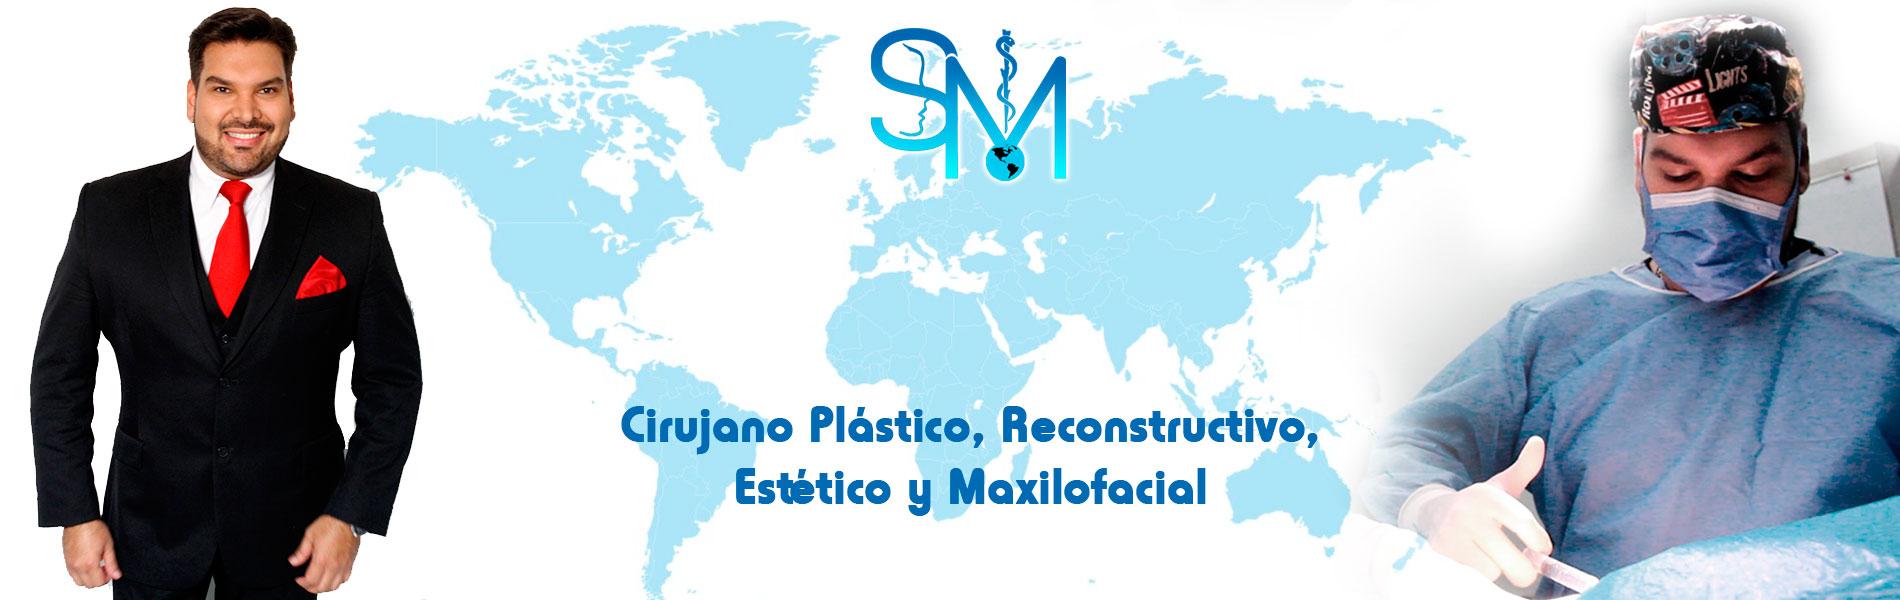 Dr. Andrés Eloy Soto Montenegro